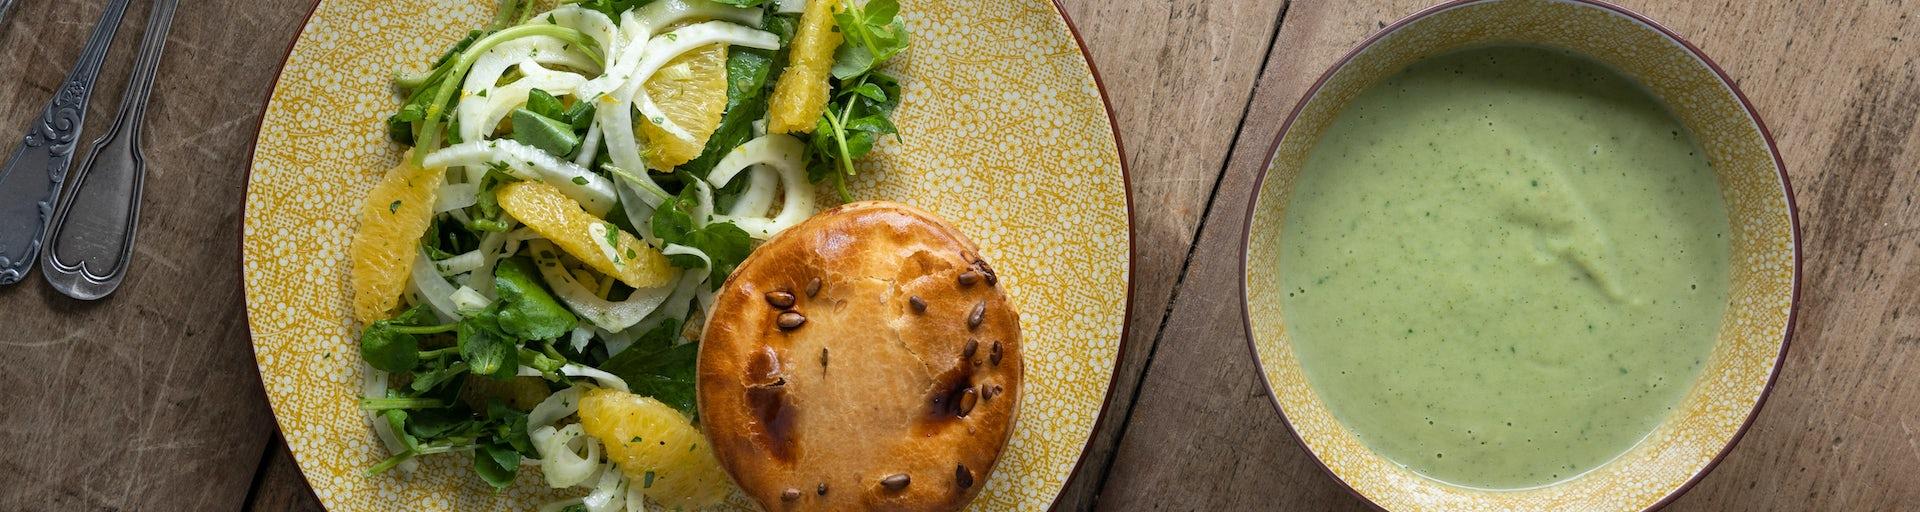 Pulled chickenpie met broccolisoep | Maaltijdbox recepten